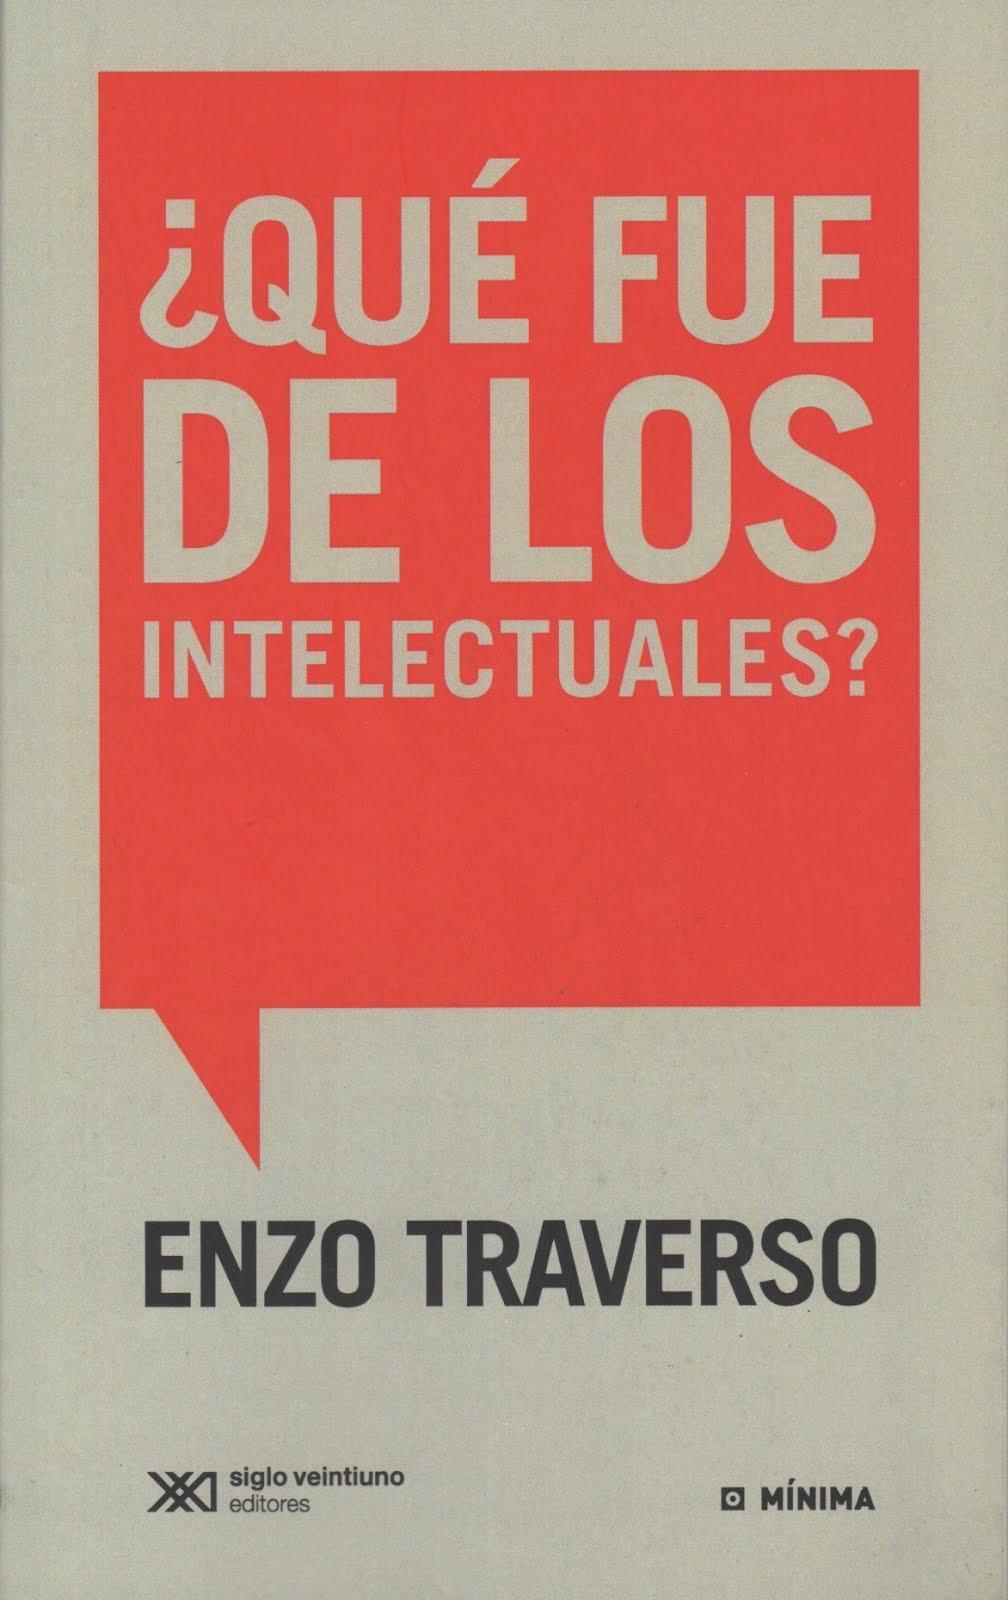 Enzo Traverso (¿Qué fue de los intelectuales?)